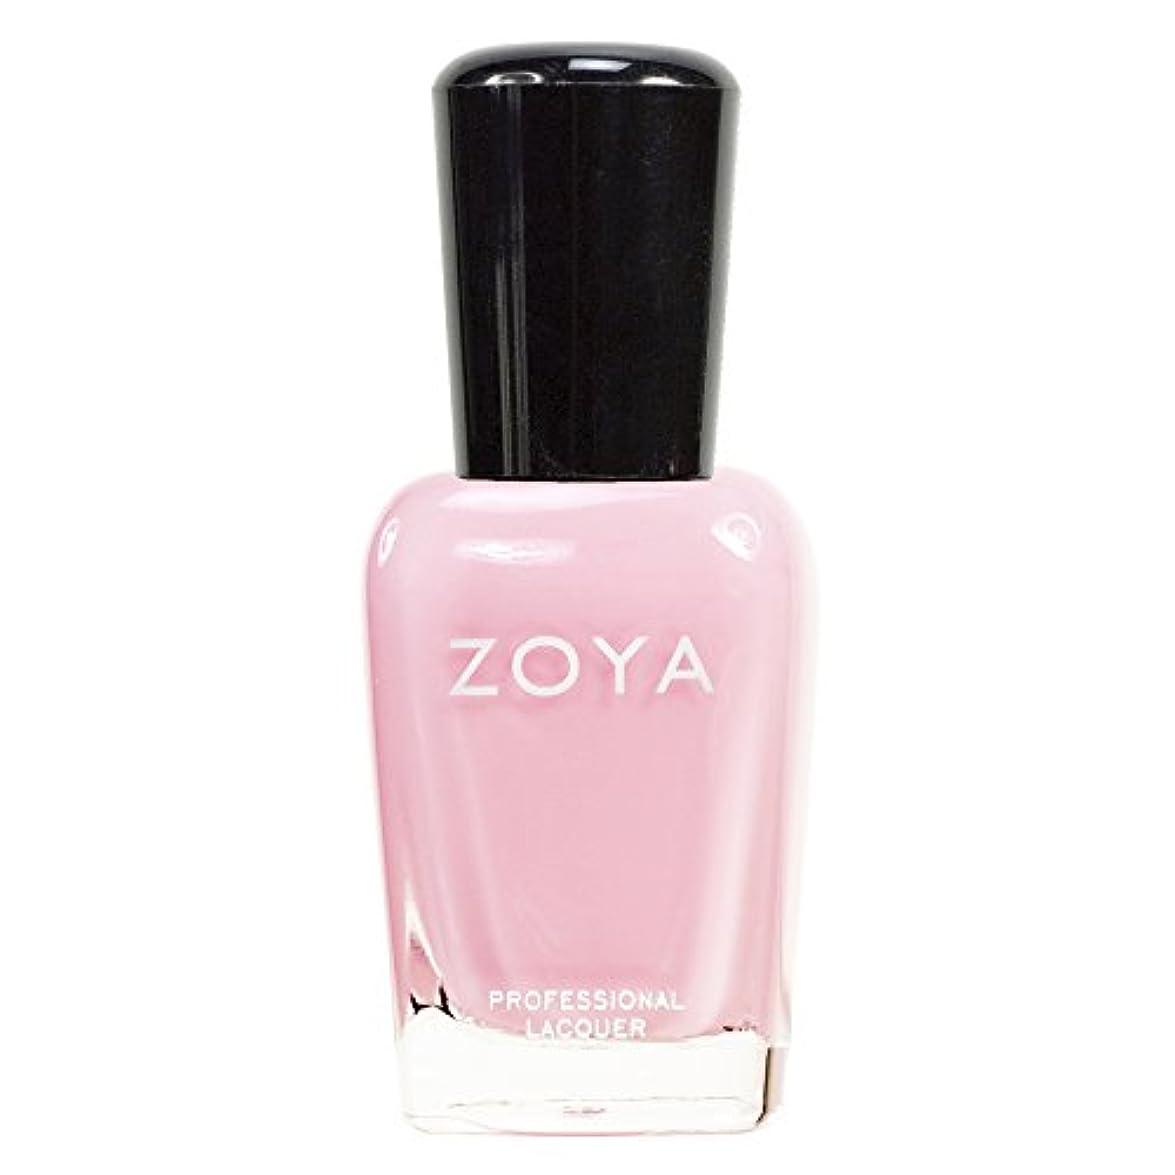 つば誤兄弟愛ZOYA ゾーヤ ネイルカラーZP315 BELA ベラ 15ml 淡く優しいクリーミーなピンク マット 爪にやさしいネイルラッカーマニキュア